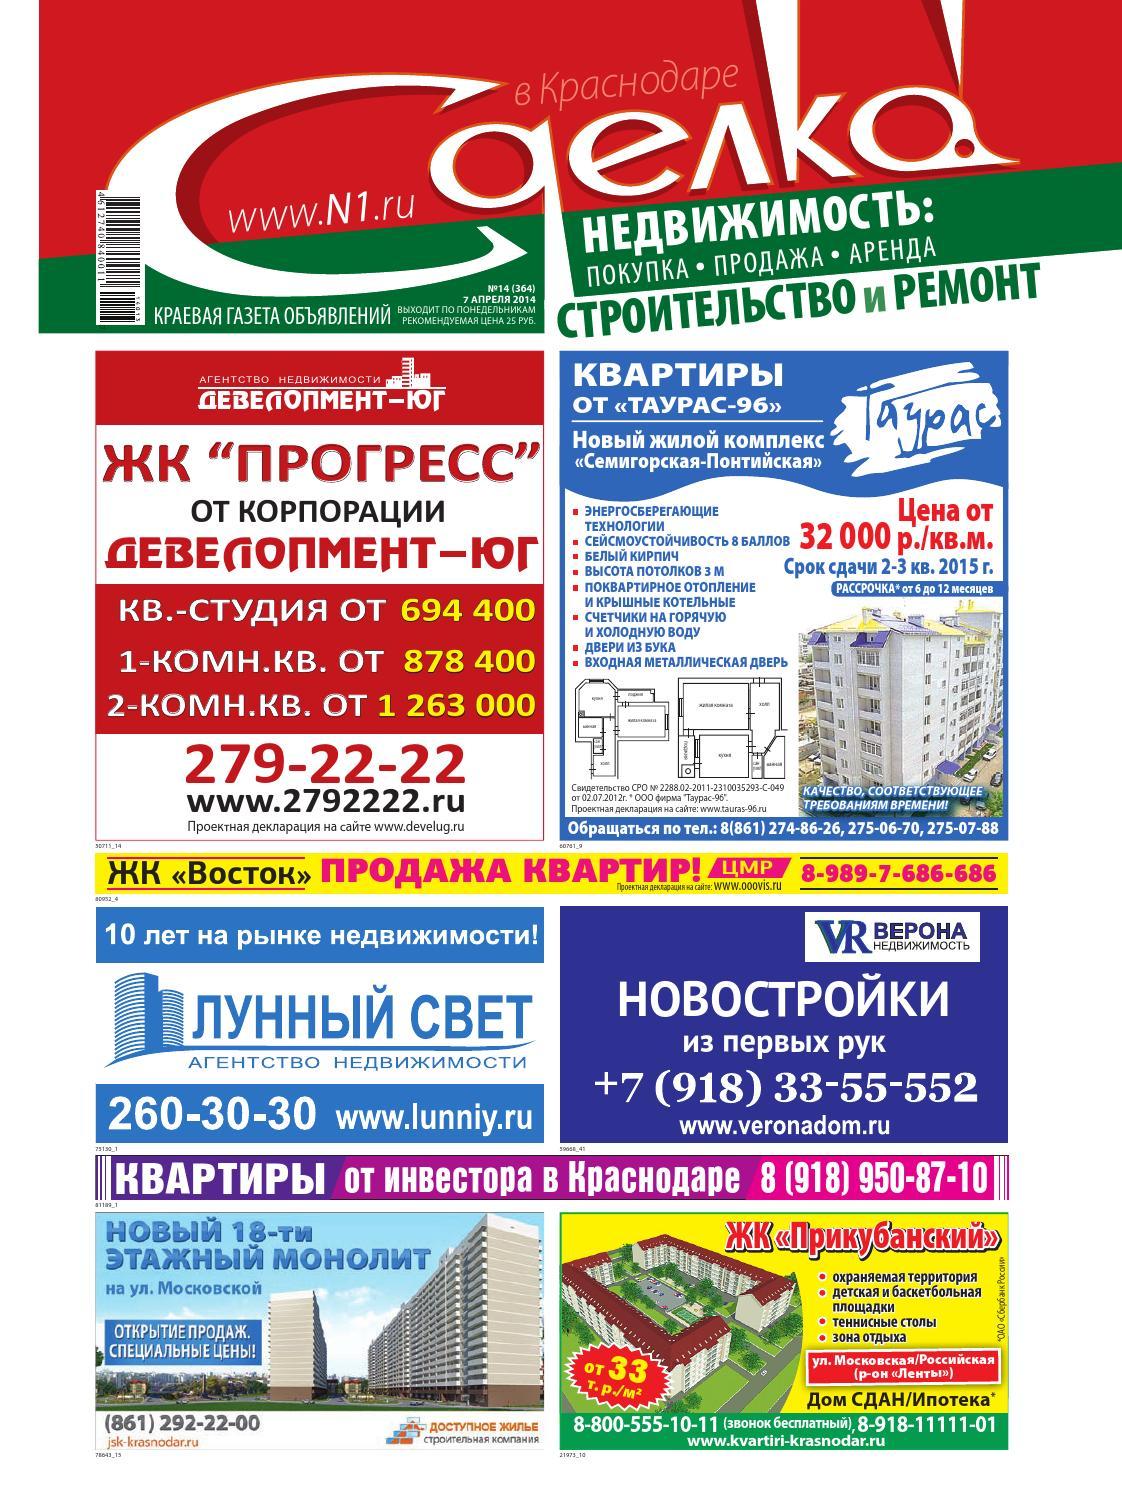 Сделка в Краснодаре №364, 7 апреля 2014